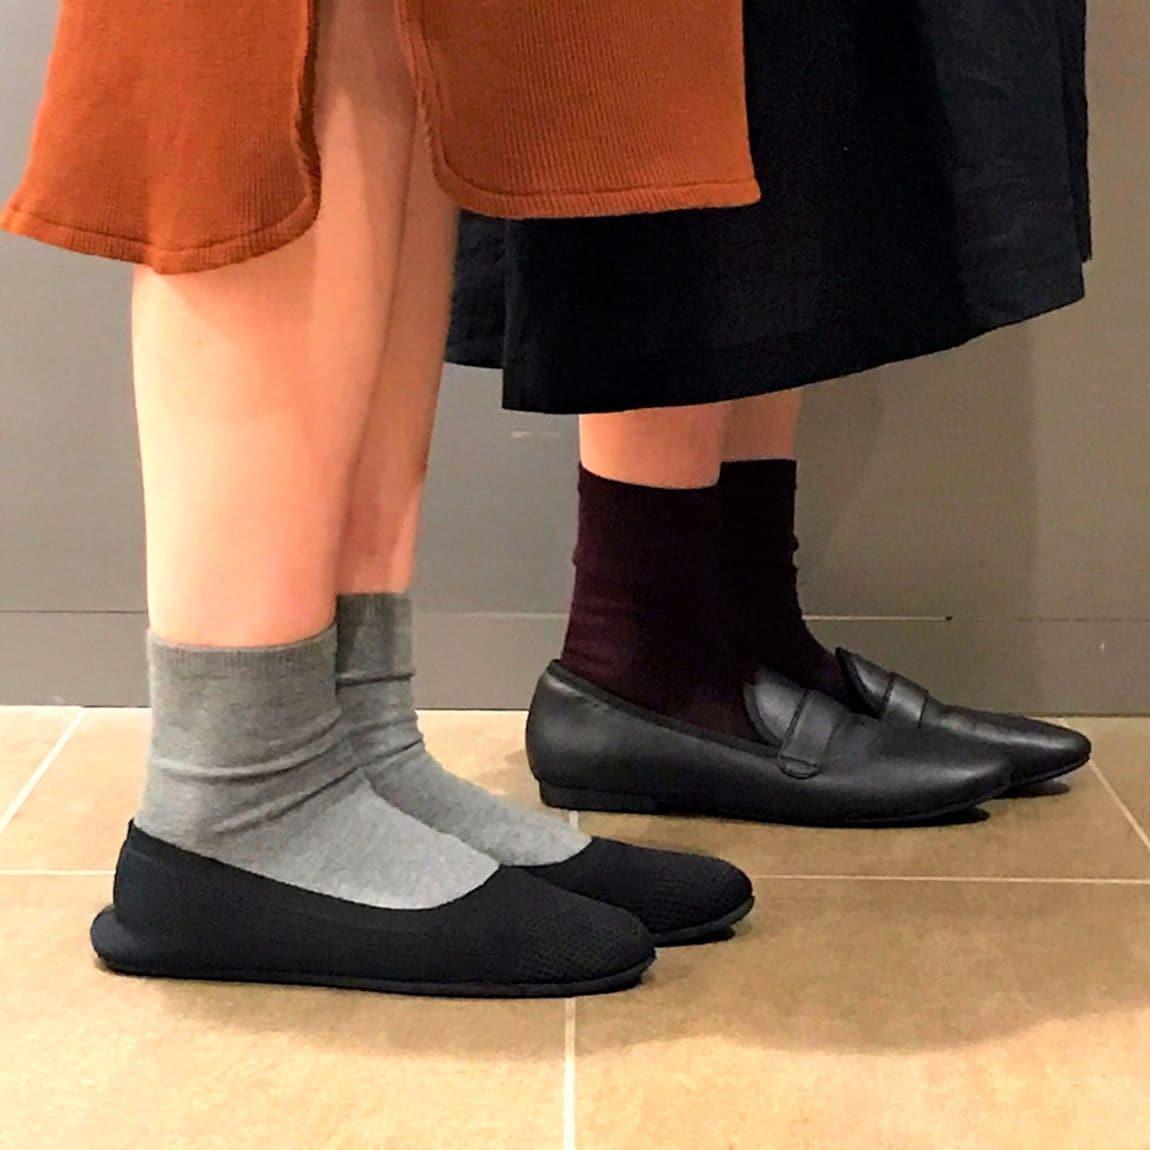 【イオンモールKYOTO】靴下履いています